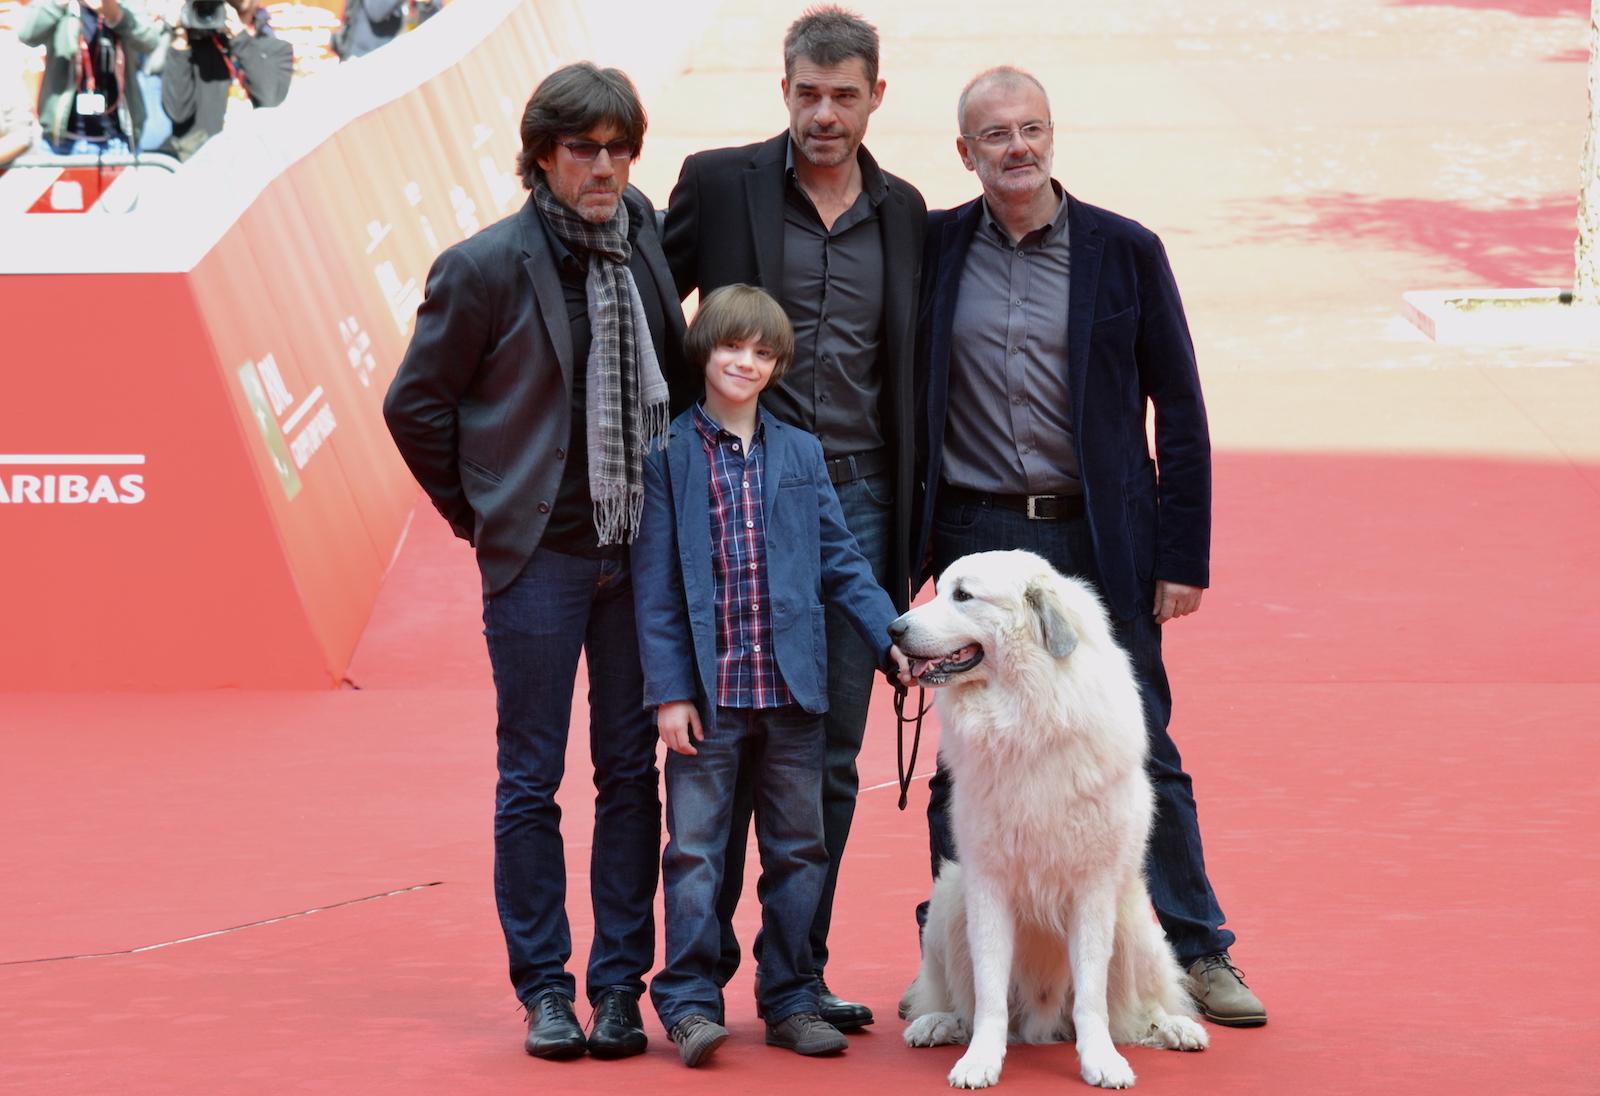 Roma 2015: Christian Duguay, Thierry Neuvic, Felix Bossuet e Belle, sul tappeto rosso di Belle & Sèbastien, l'avventura continua